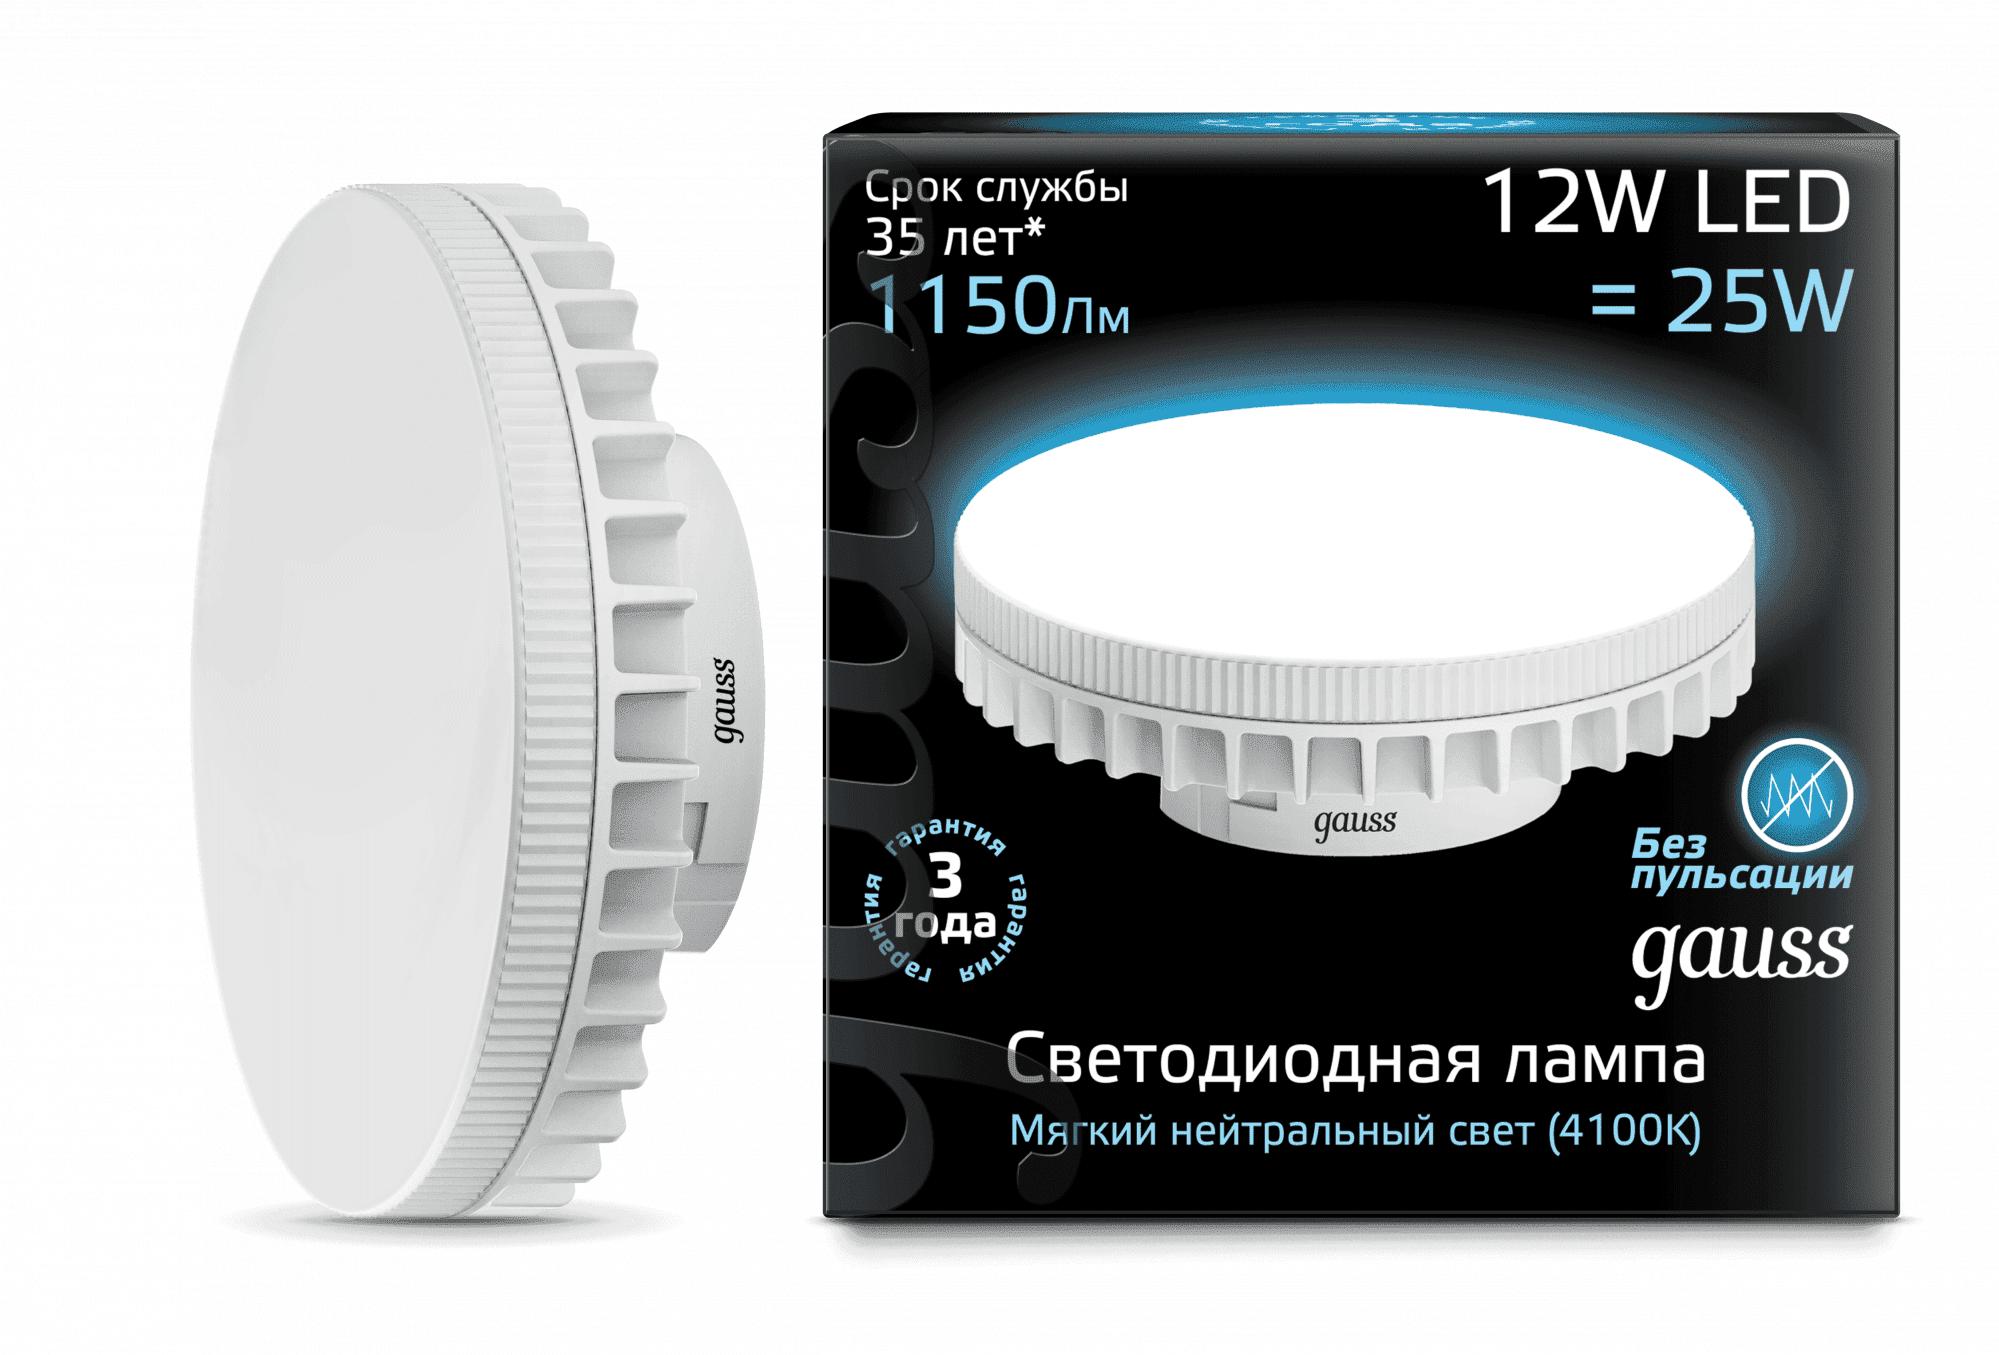 Gauss LED GX70 12W AC150-265V 4100K арт. 131016212